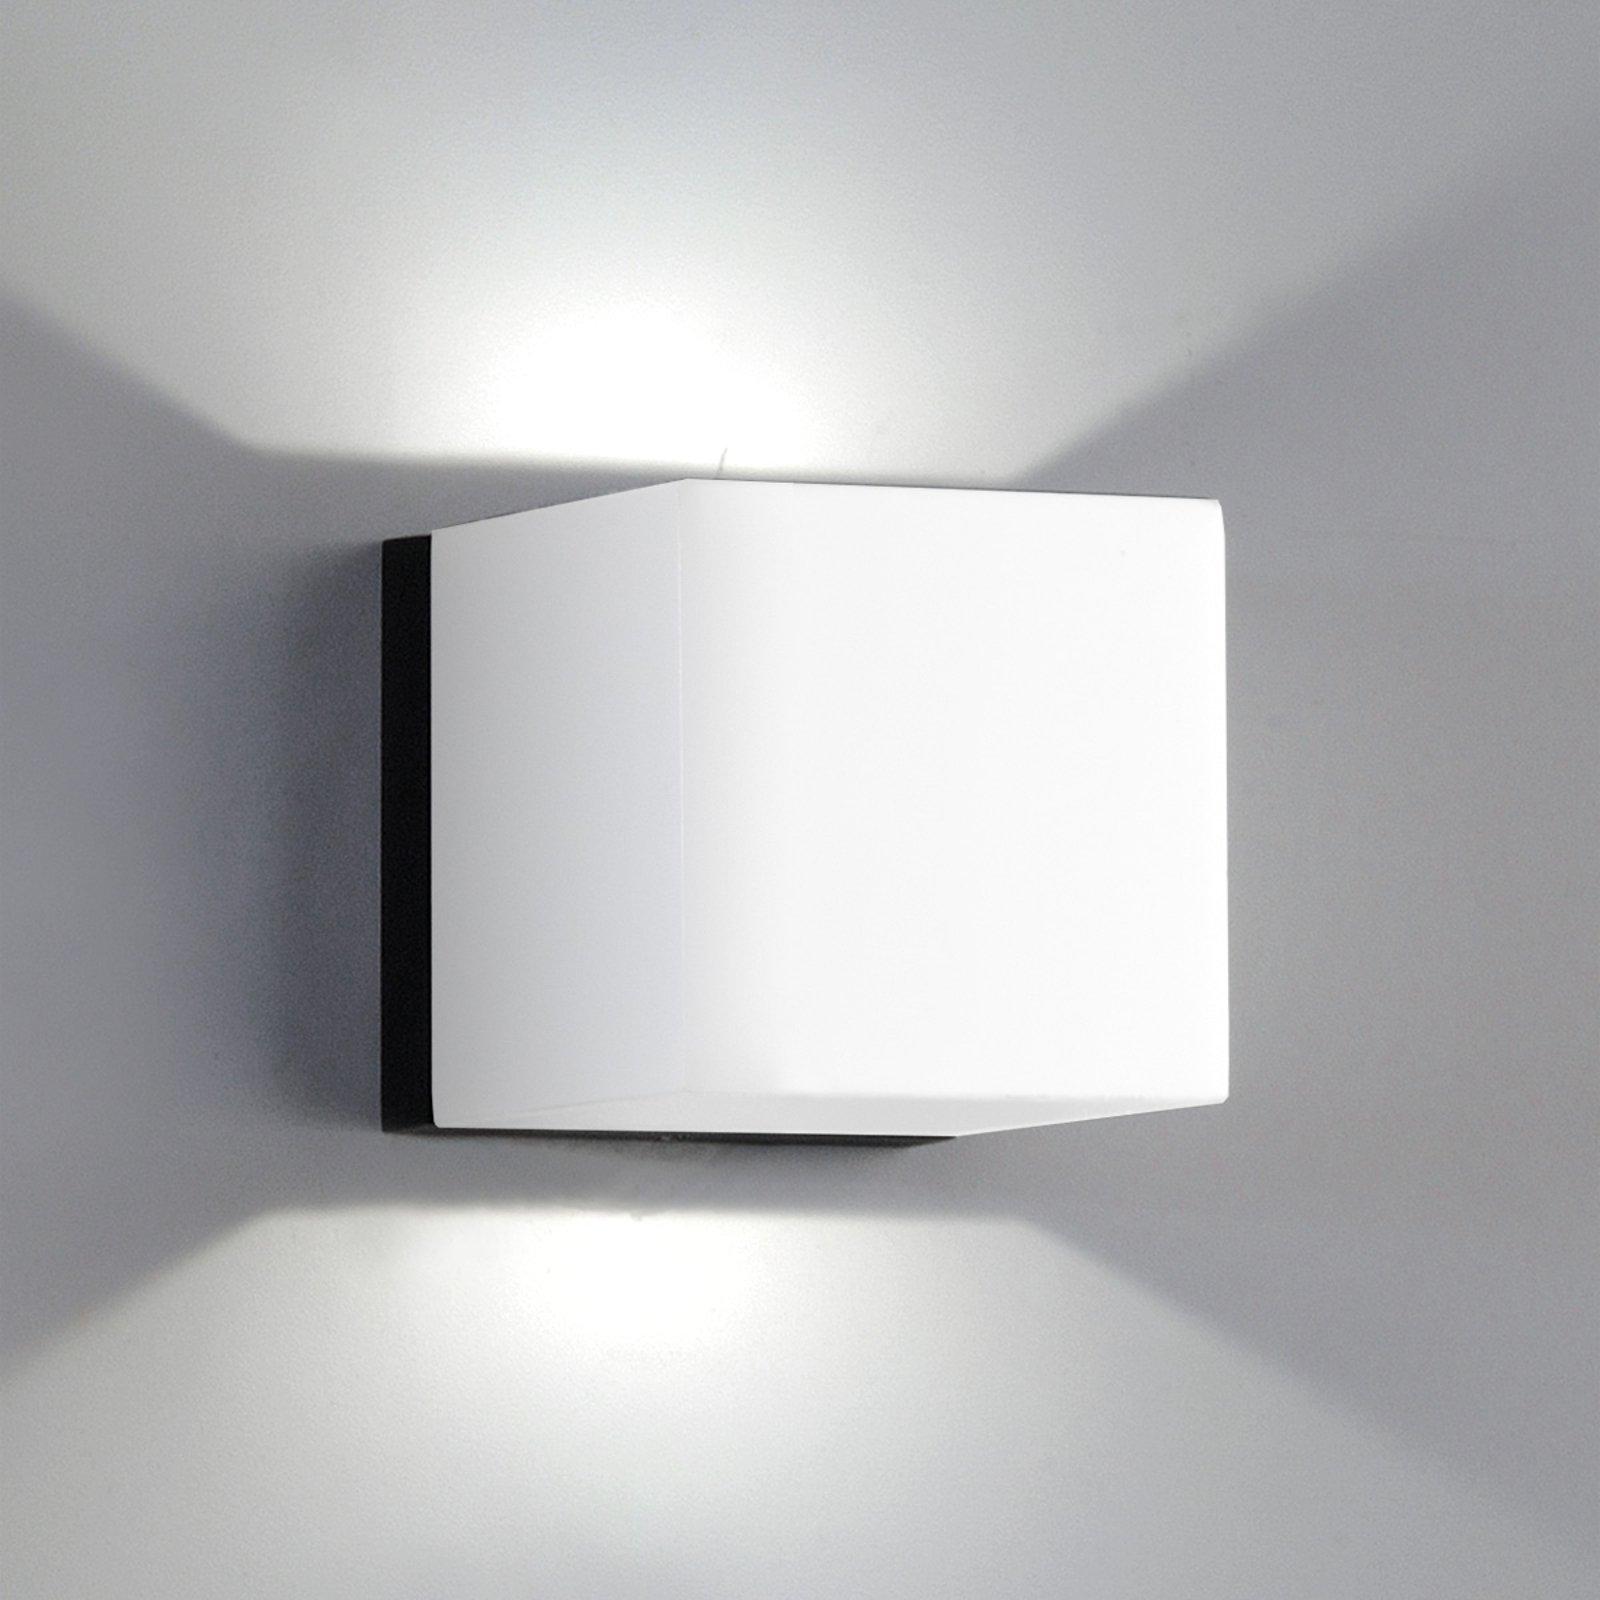 LED-vegglampe Dau Mini 2 lys hvit